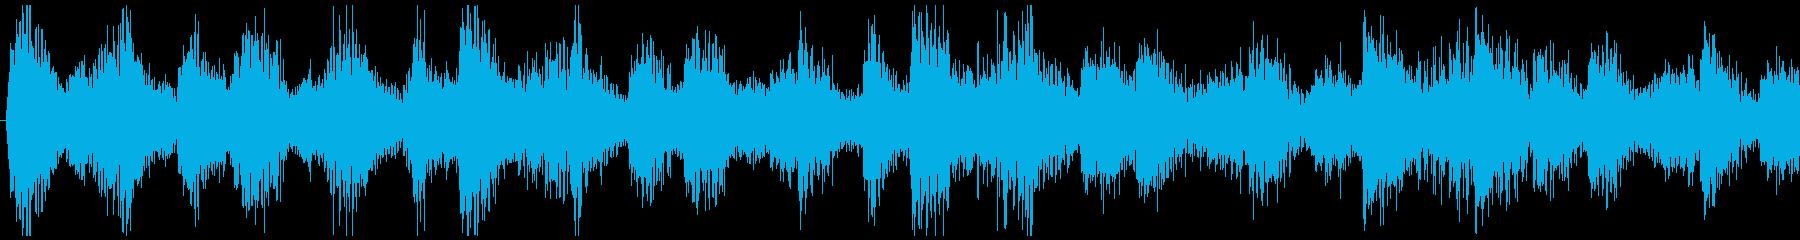 爽やかな朝に聞くBGM-ループ3の再生済みの波形